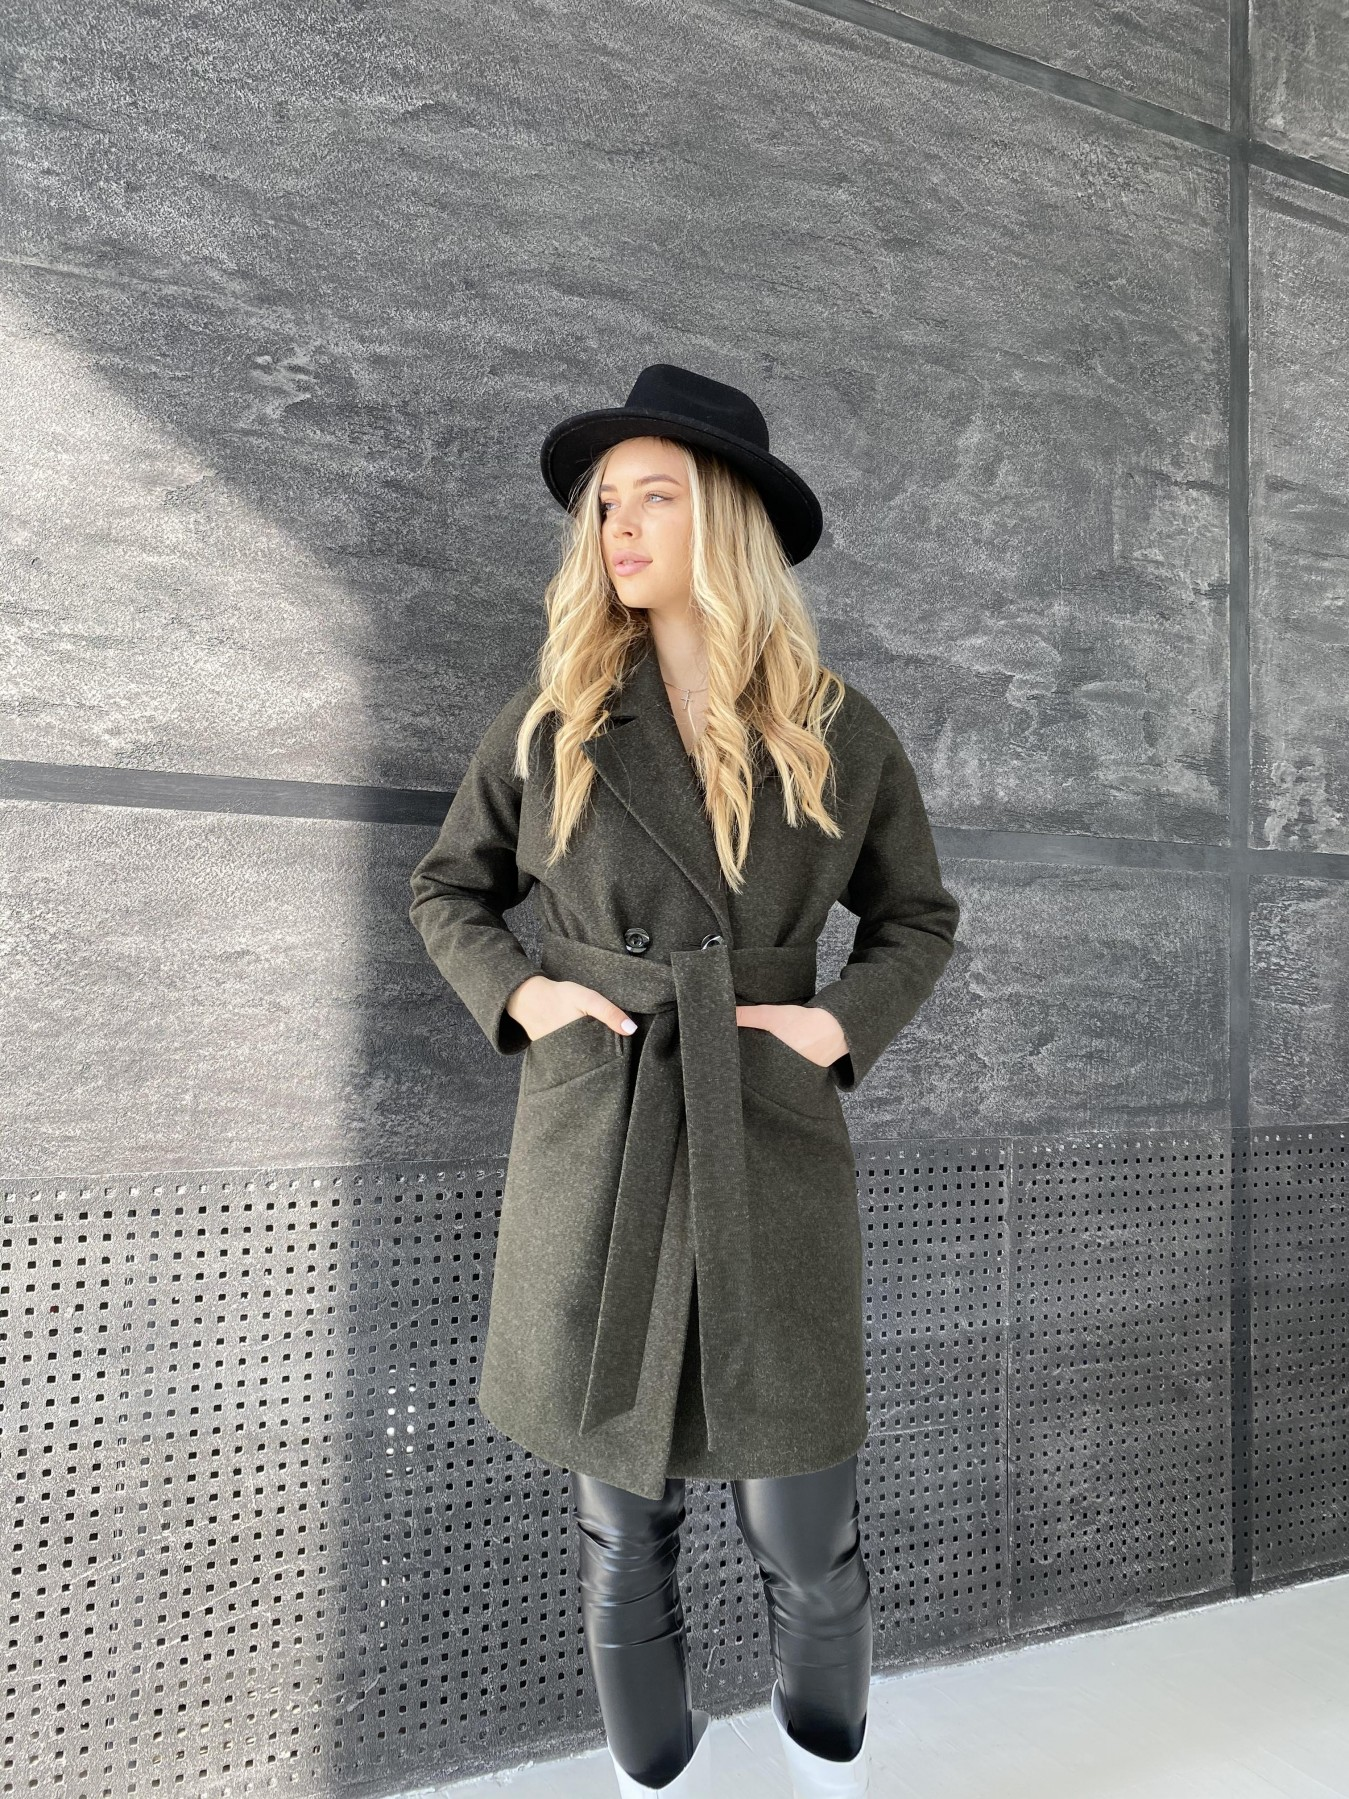 Сенсей пальто из кашемира меланж  10745 АРТ. 47231 Цвет: Хаки - фото 6, интернет магазин tm-modus.ru